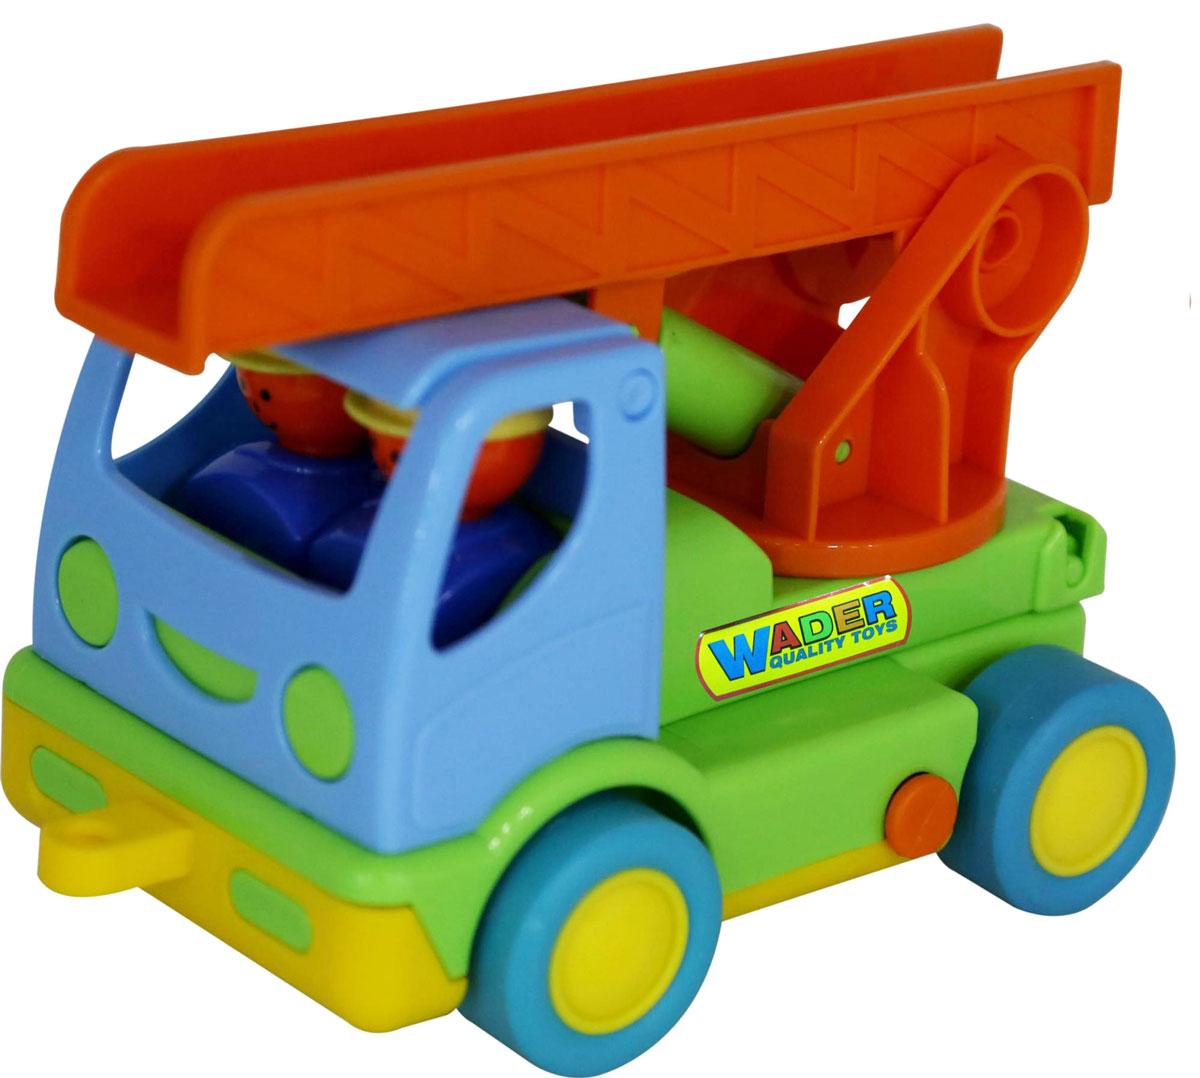 Полесье Пожарный автомобиль Мой первый грузовик 40152 игрушки для ванны полесье паром балтик автомобиль мини 4 шт